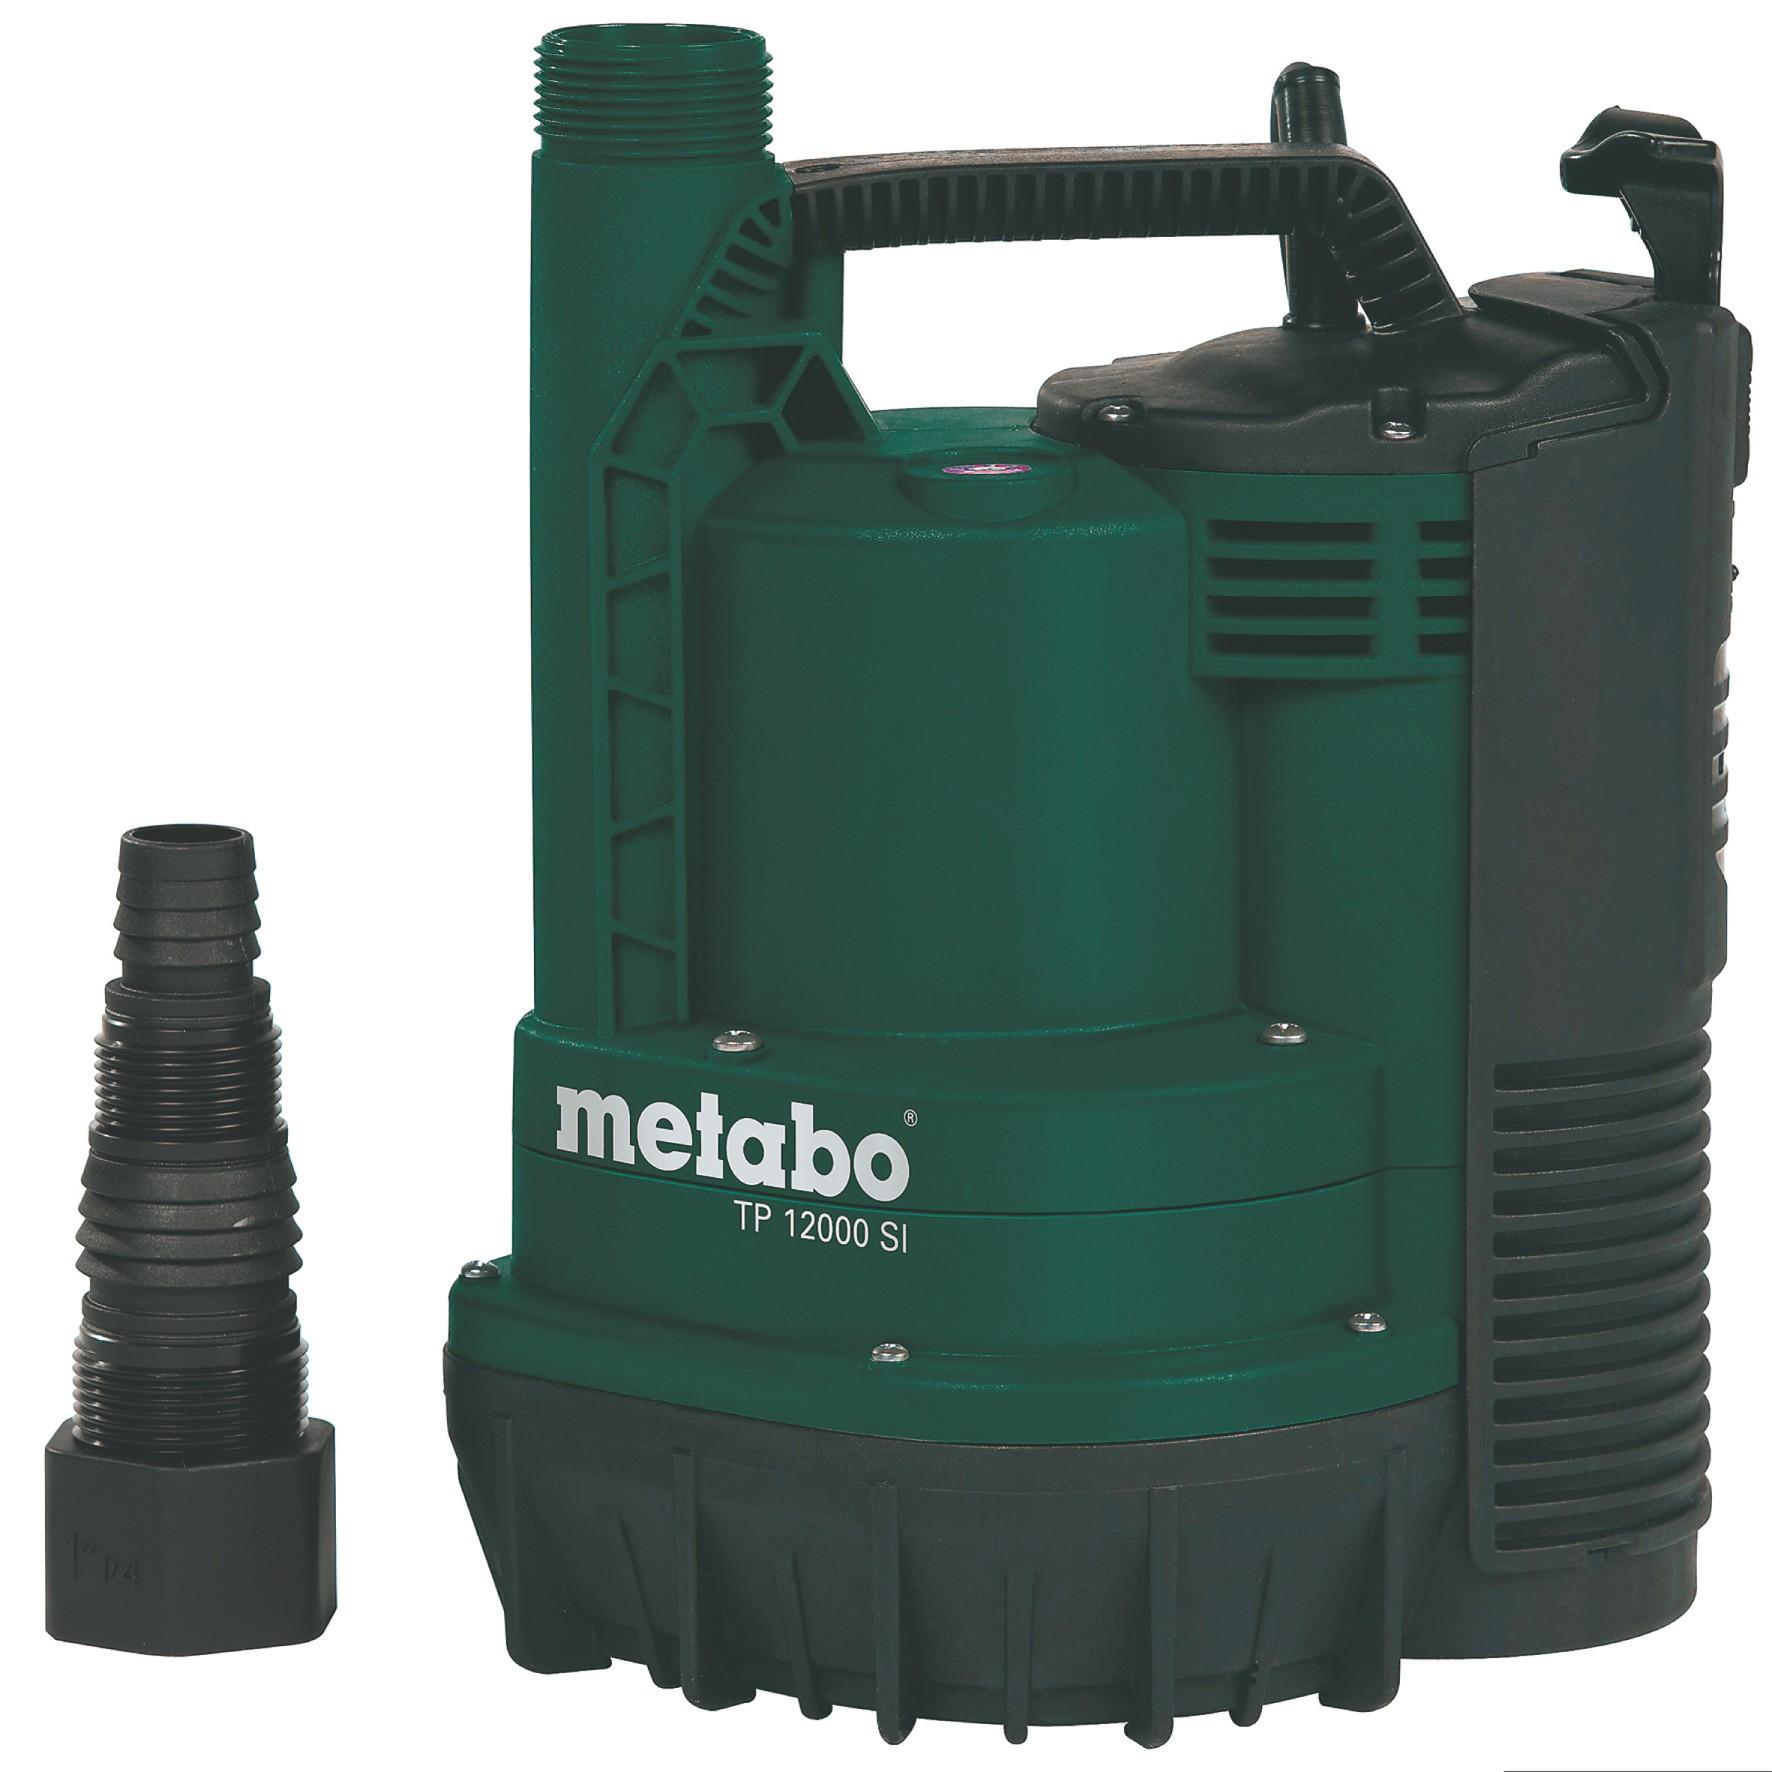 Metabo Klarwasser Tauchpumpe TP 12000 SI flachsaugend 600 Watt Bild 1